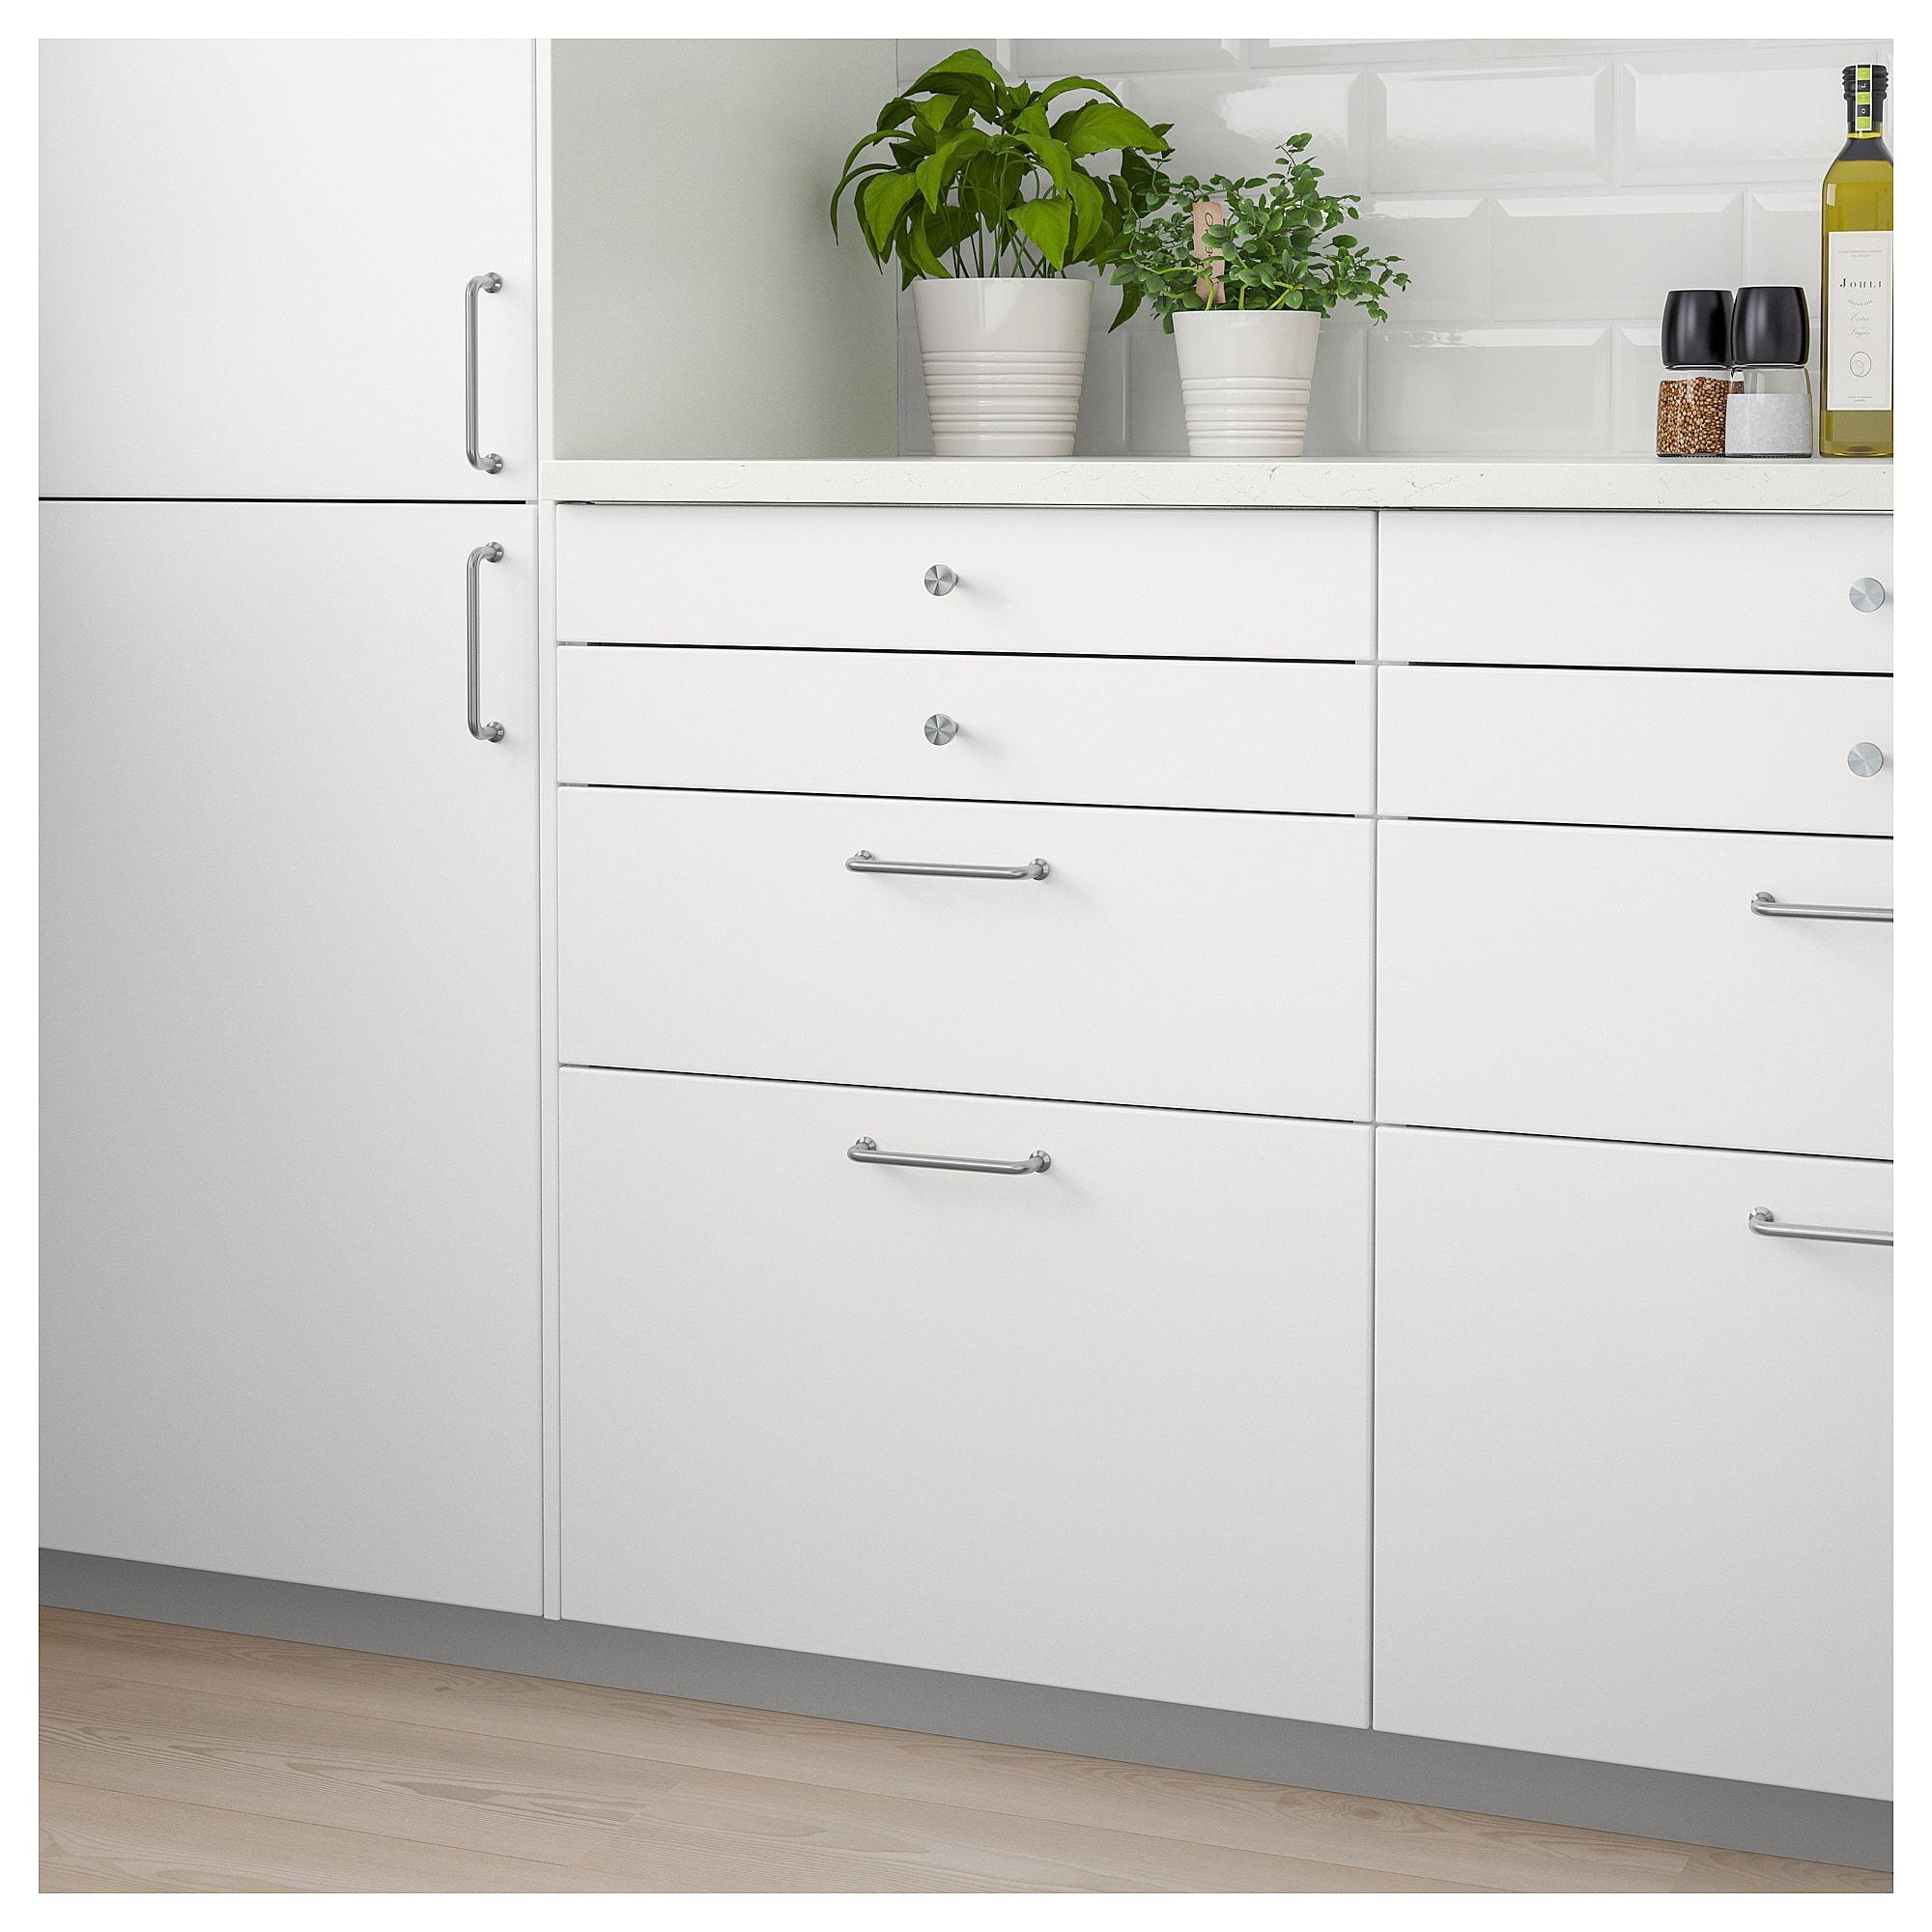 Full Size of Schrankküchen Ikea Veddinge Schubladenfront Wei Arbeitsplatte Küche Kosten Miniküche Betten Bei 160x200 Modulküche Kaufen Sofa Mit Schlaffunktion Wohnzimmer Schrankküchen Ikea